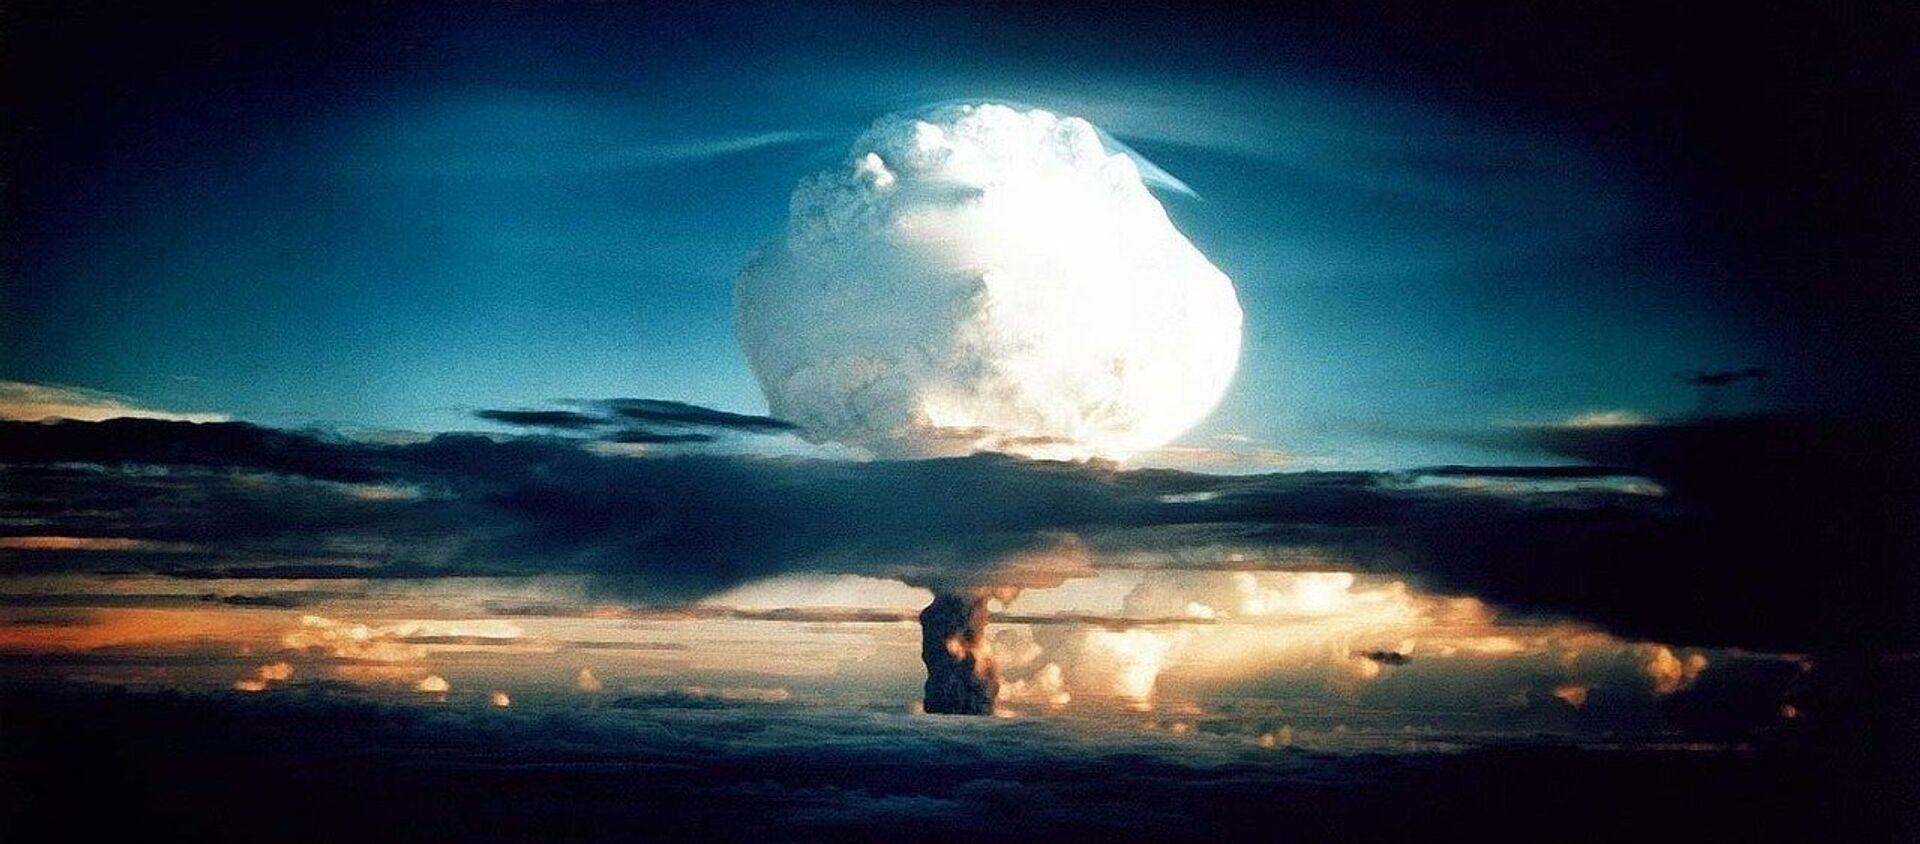 Explosión nuclear (imagen referencial) - Sputnik Mundo, 1920, 18.01.2021